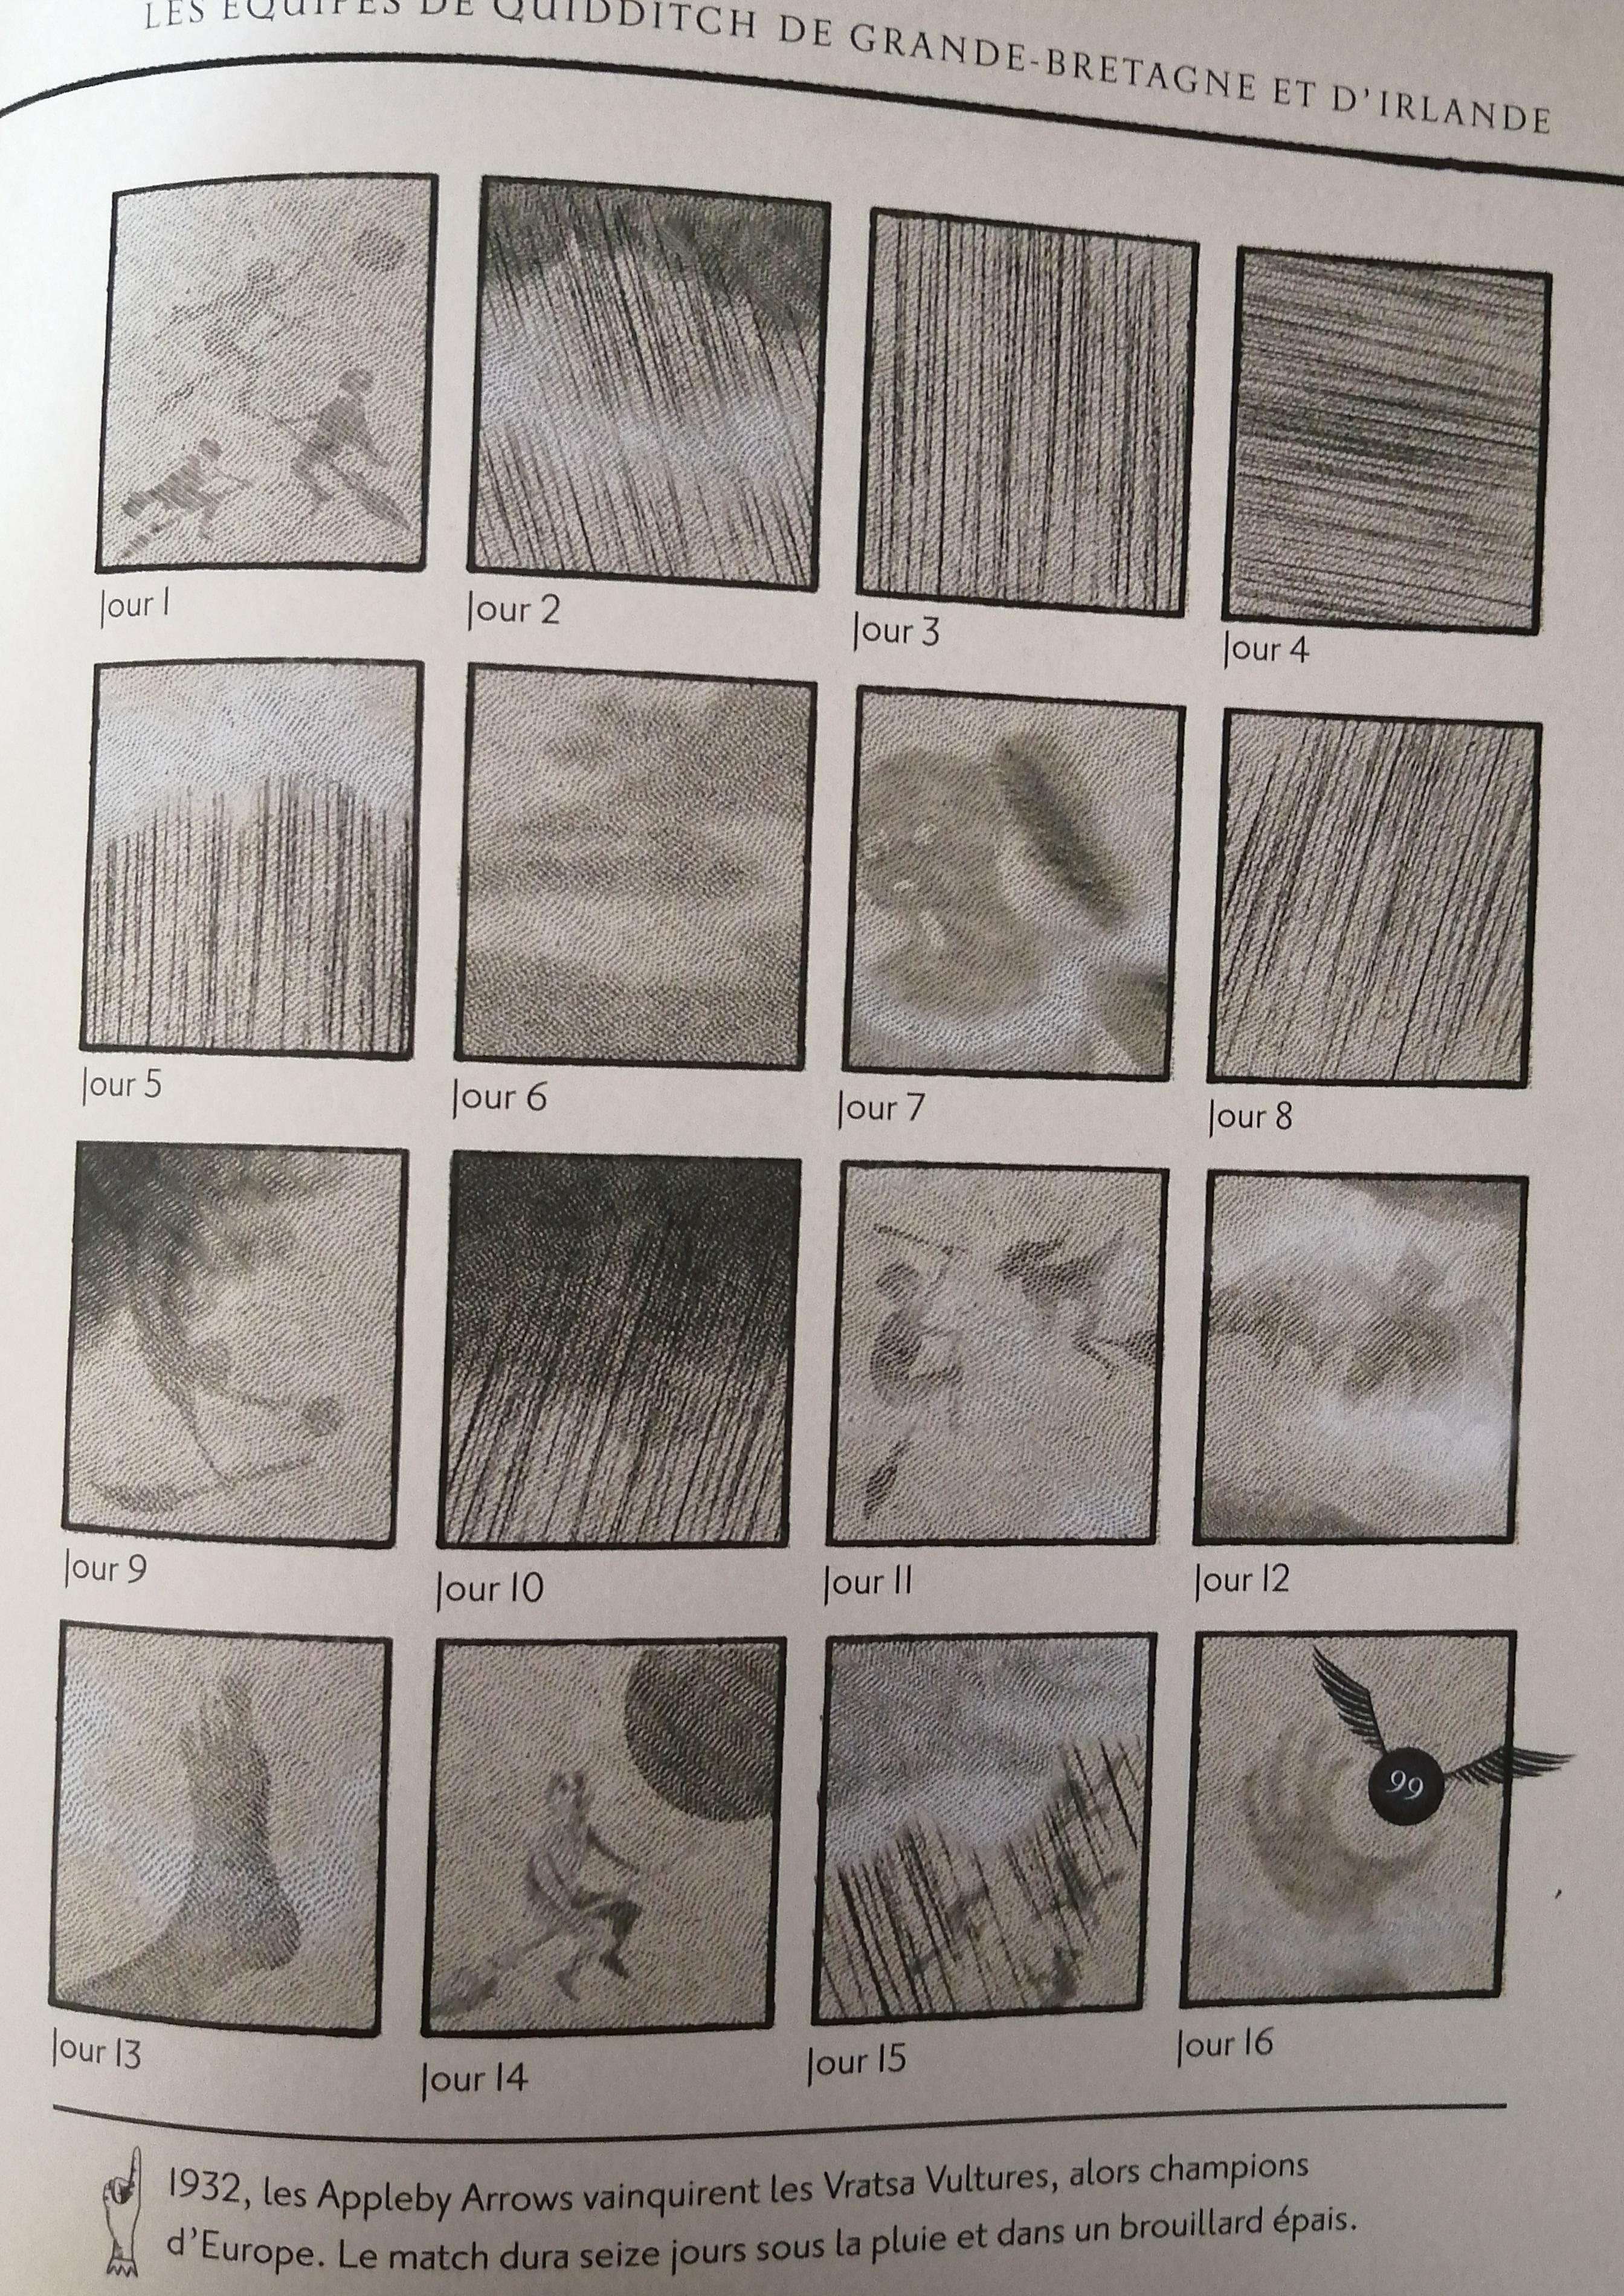 Compte-rendu dessiné d'un match dans Le Quidditch à travers les âges illustré par Emily Gravett - édition Gallimard Jeunesse